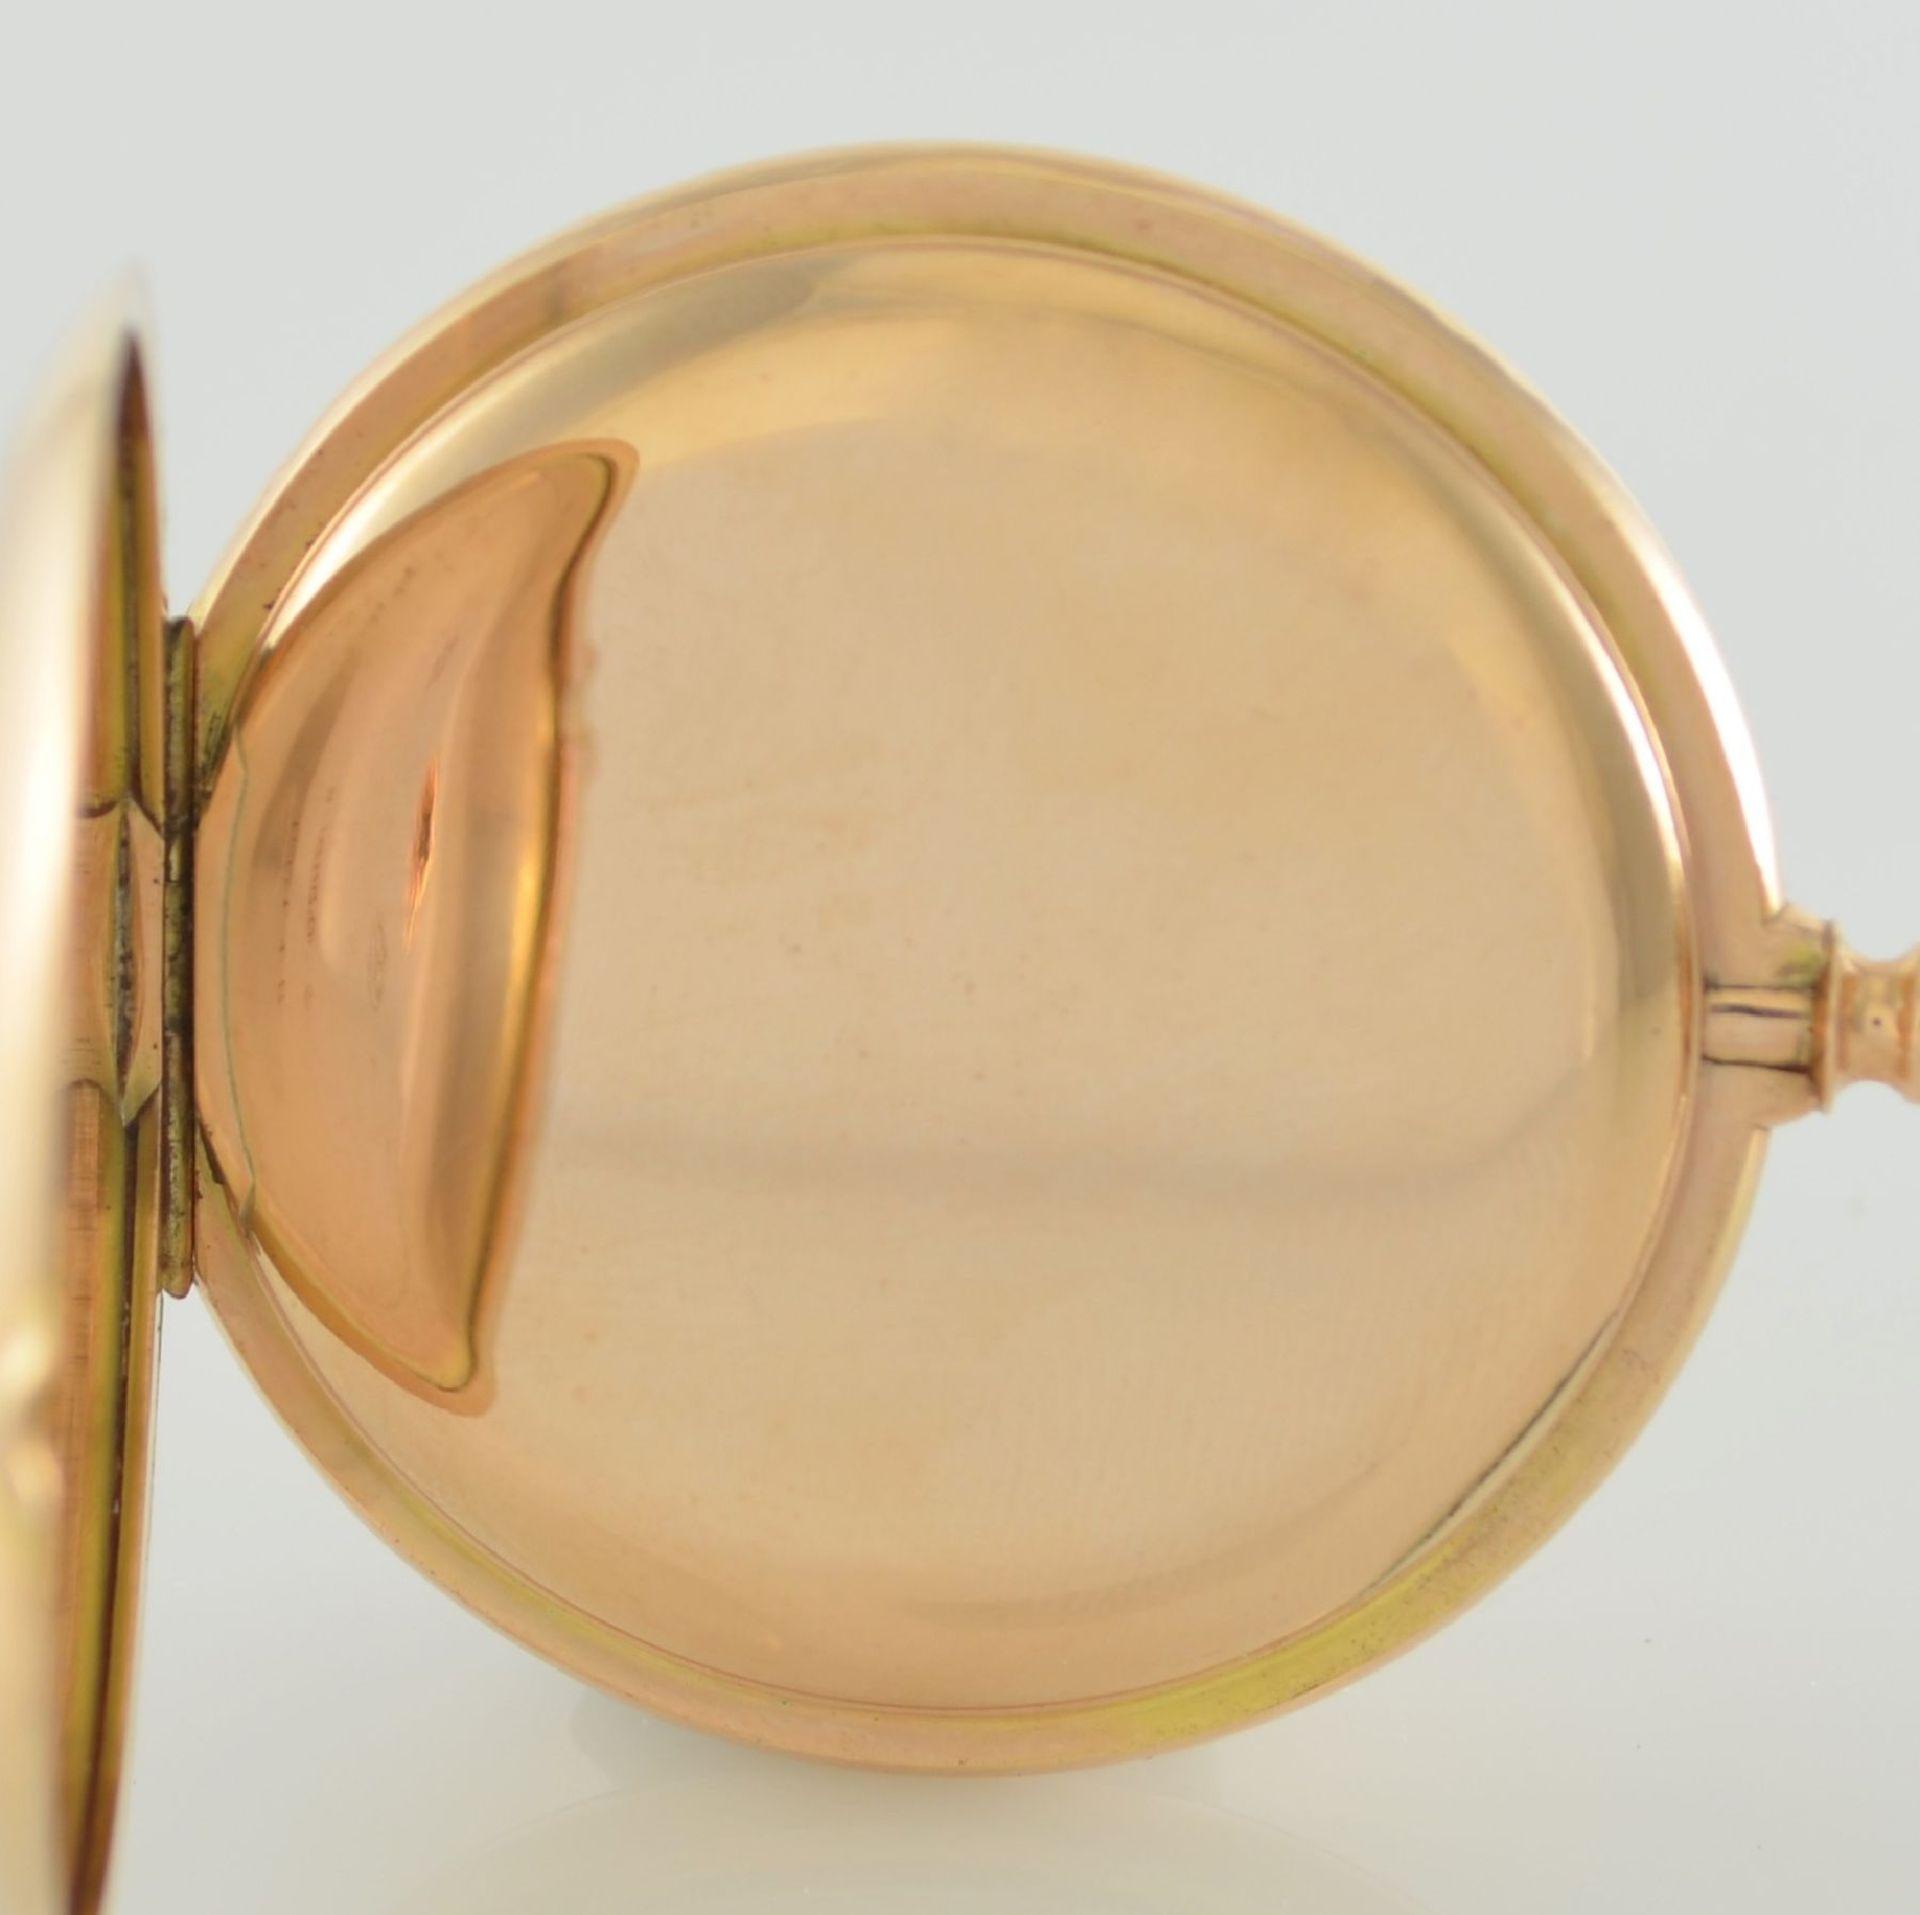 Herrensavonette in RG 585/000, Schweiz um 1900, guill. 3-Deckel Goldgeh. berieben/dell., à-goutte- - Bild 6 aus 7